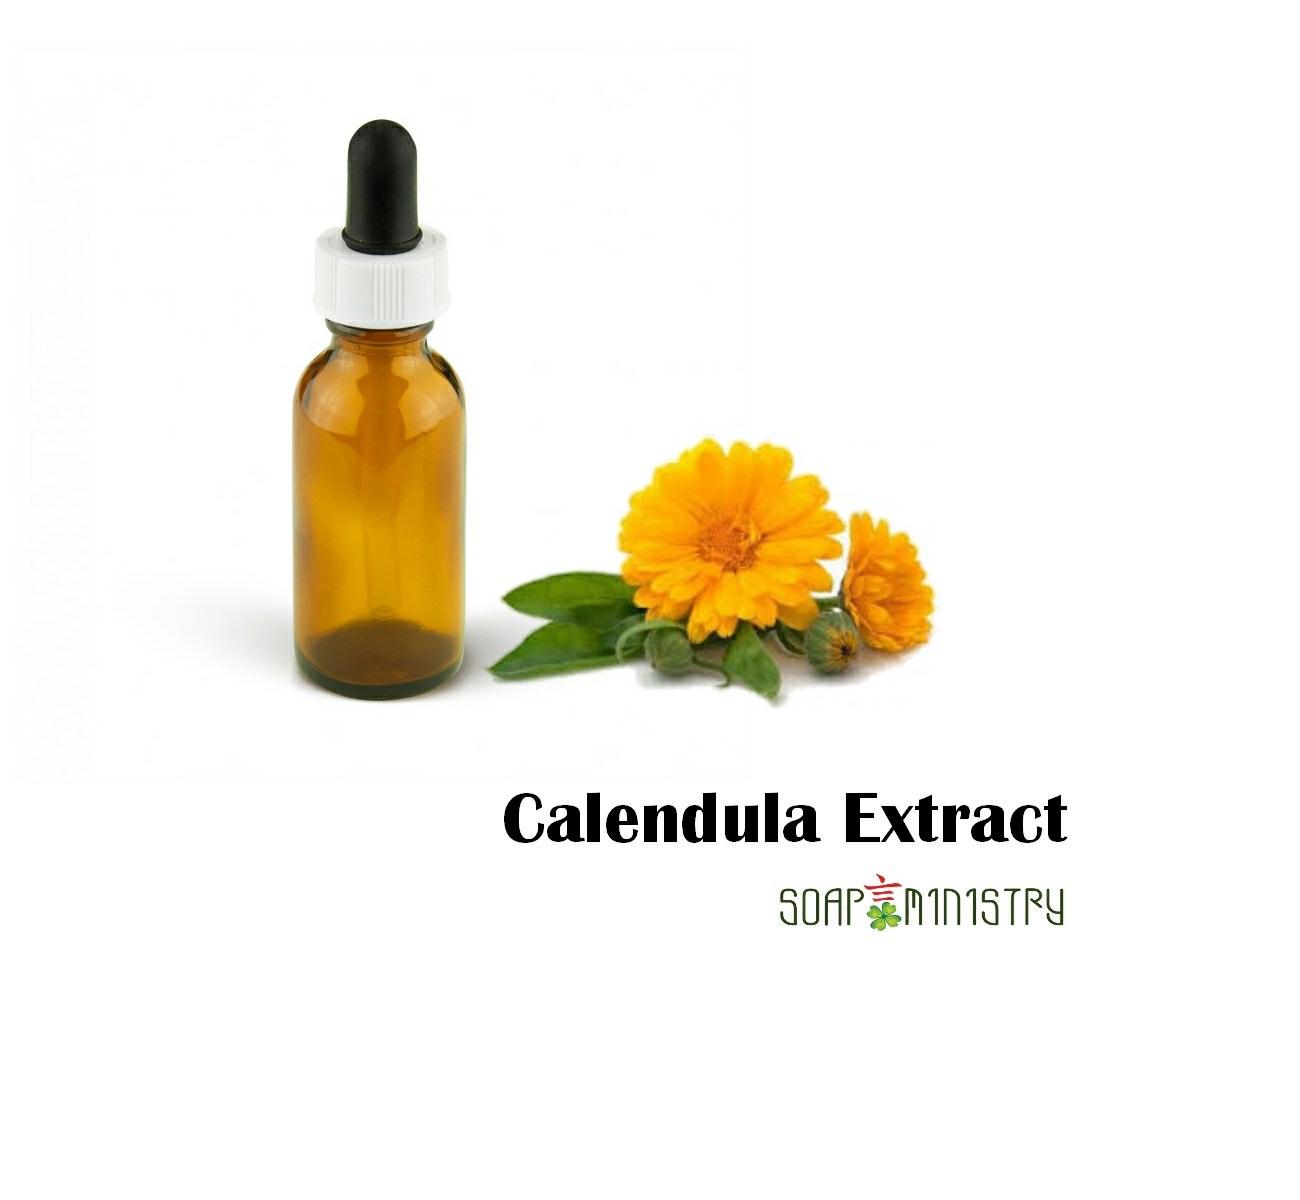 Calendula Extract 100g